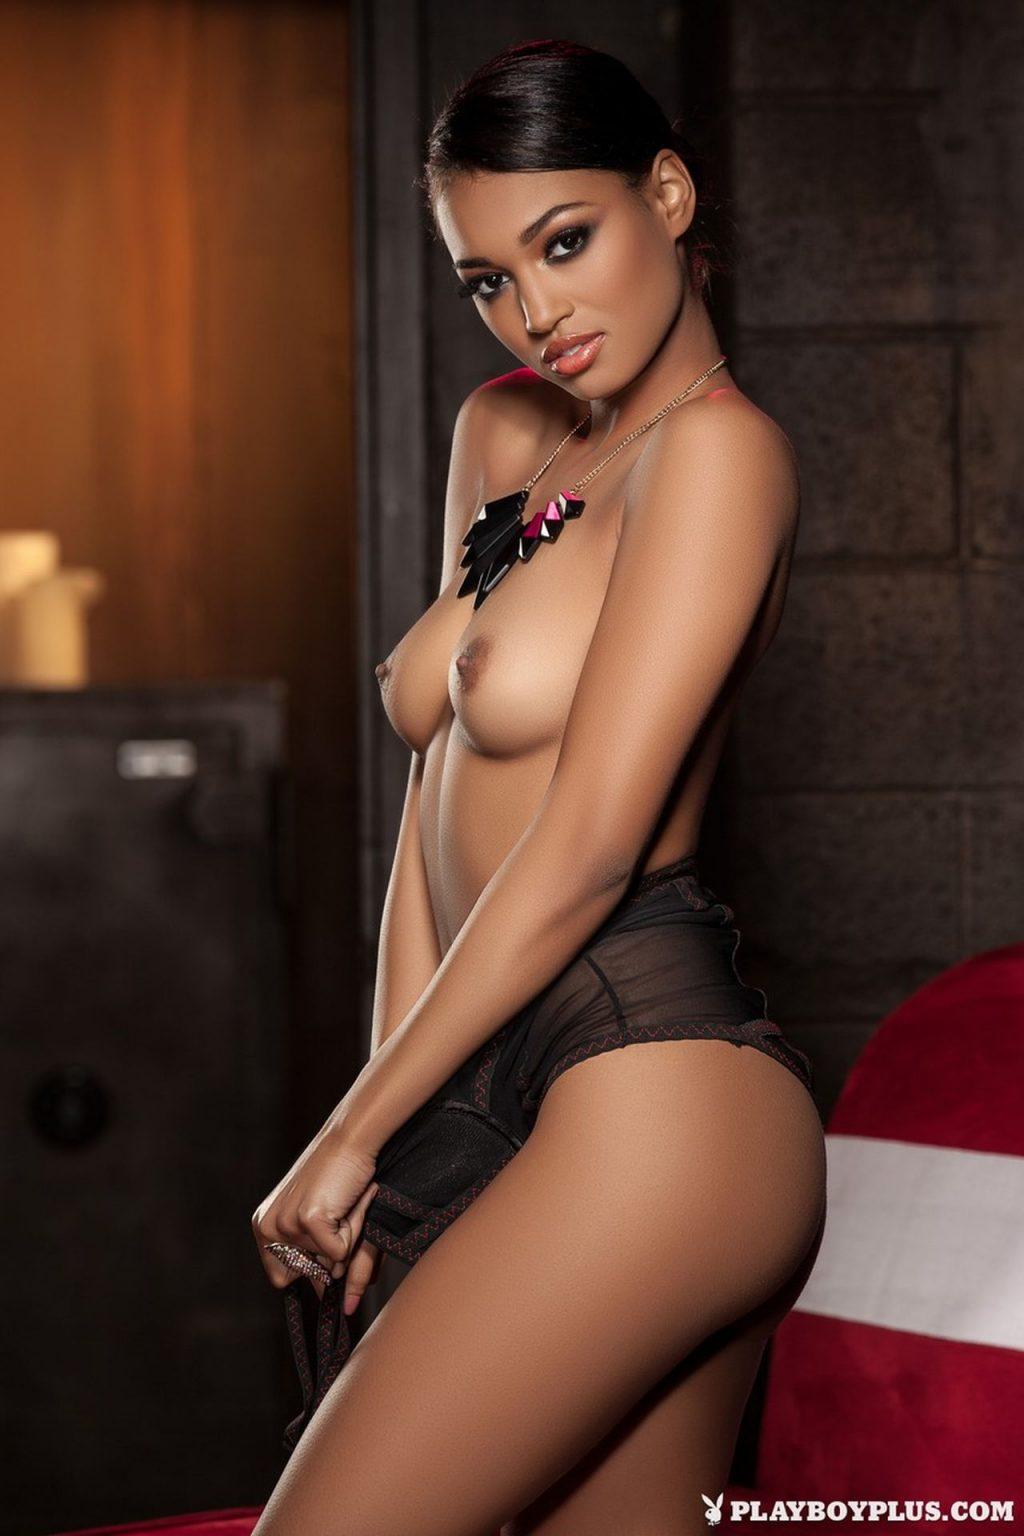 Noelle Monique Nude Thefappeningblog Com 5 1024x1536